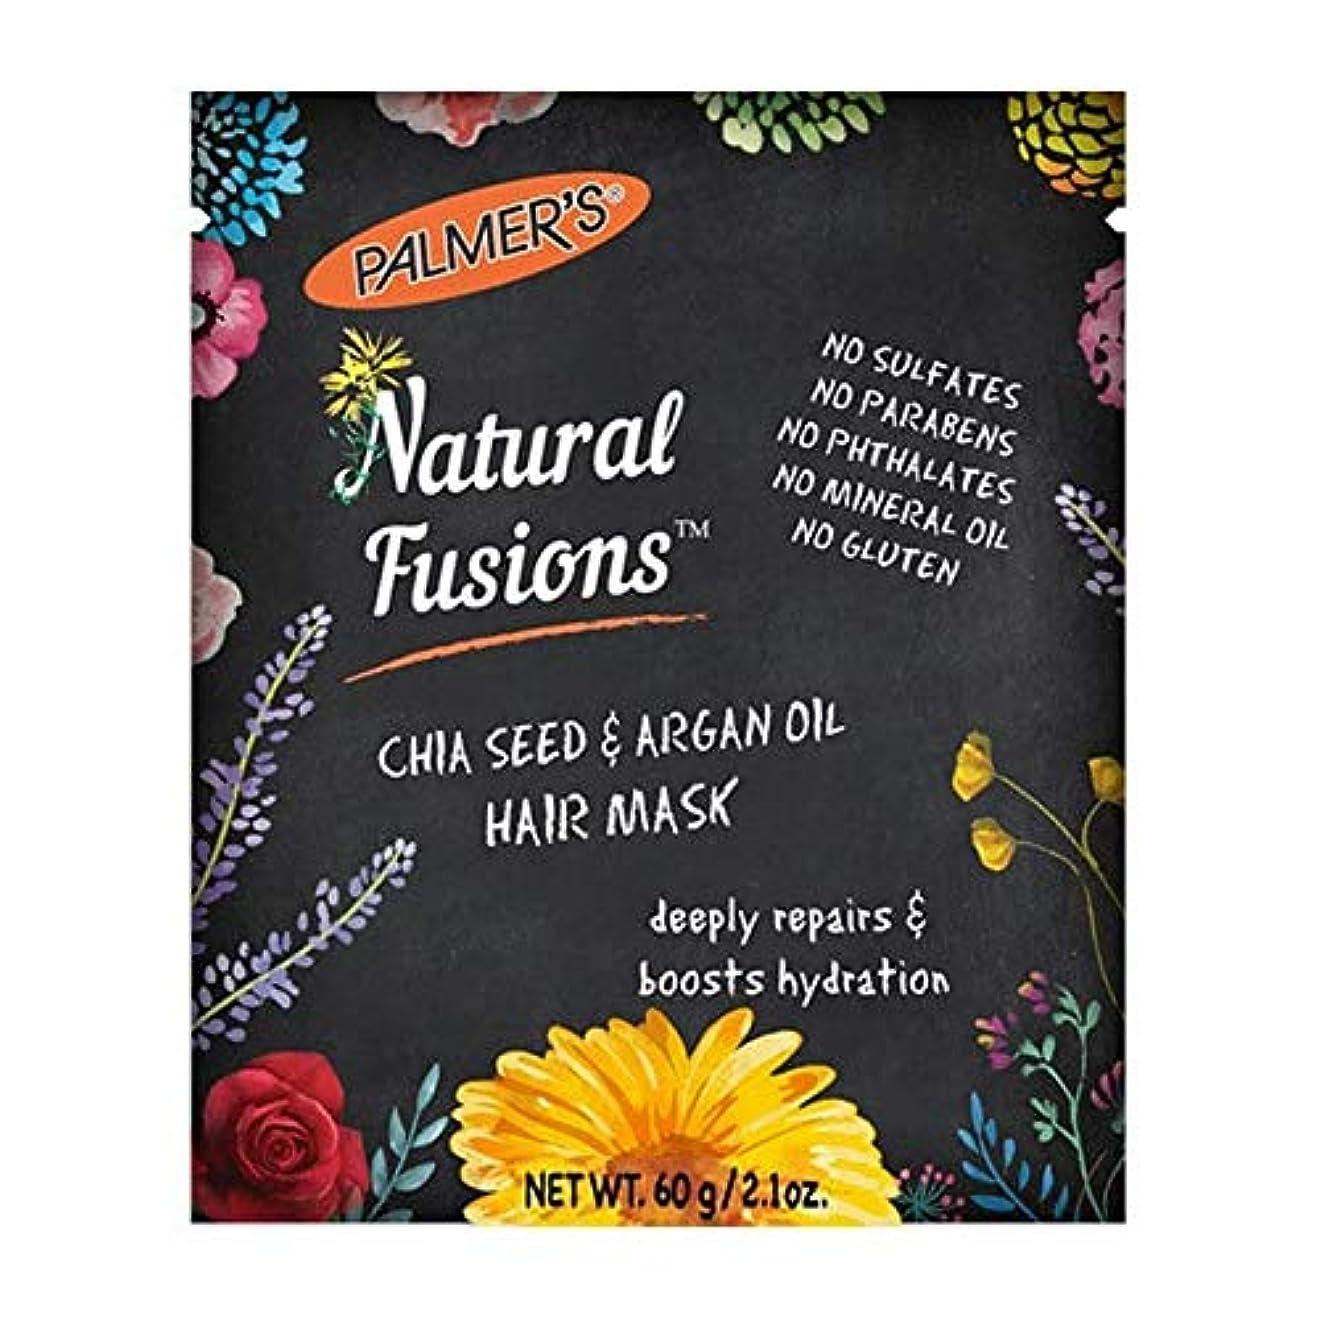 最高神学校リマ[Palmer's ] パーマーの自然な融合チアシード&アルガンオイルヘアマスク60グラム - Palmer's Natural Fusions Chia Seed & Argan Oil Hair Mask 60g [...